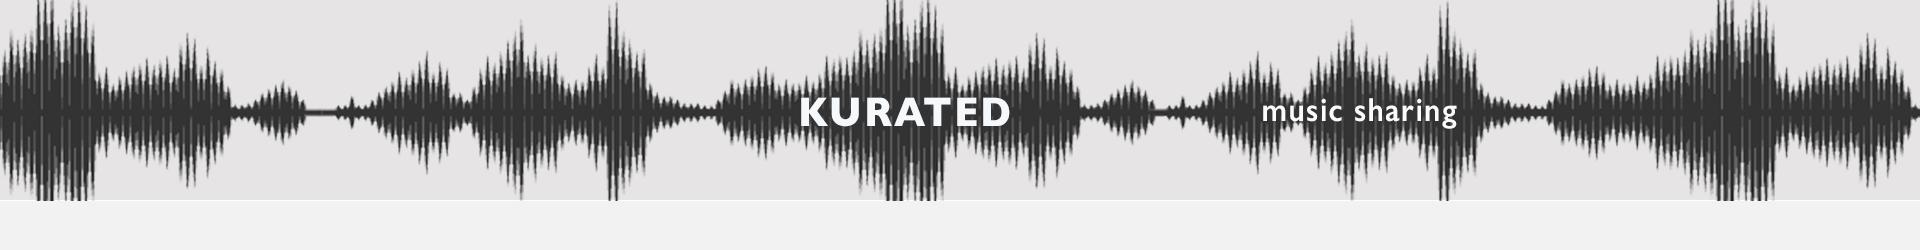 150 Kurated Banner Soundwave V1